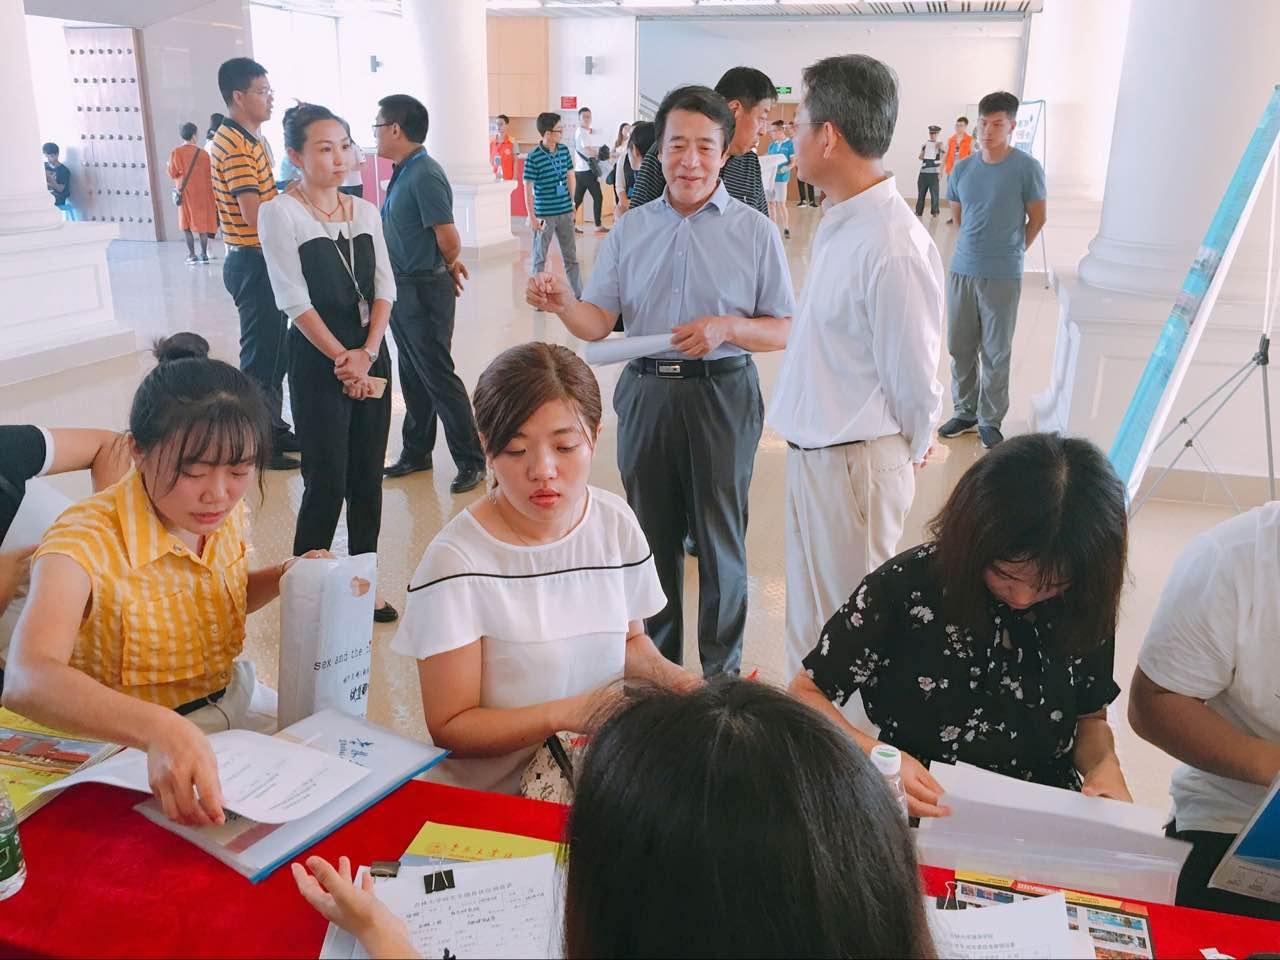 【吉珠】2017级联合培养专业学位硕士研究生迎新工作圆满完成